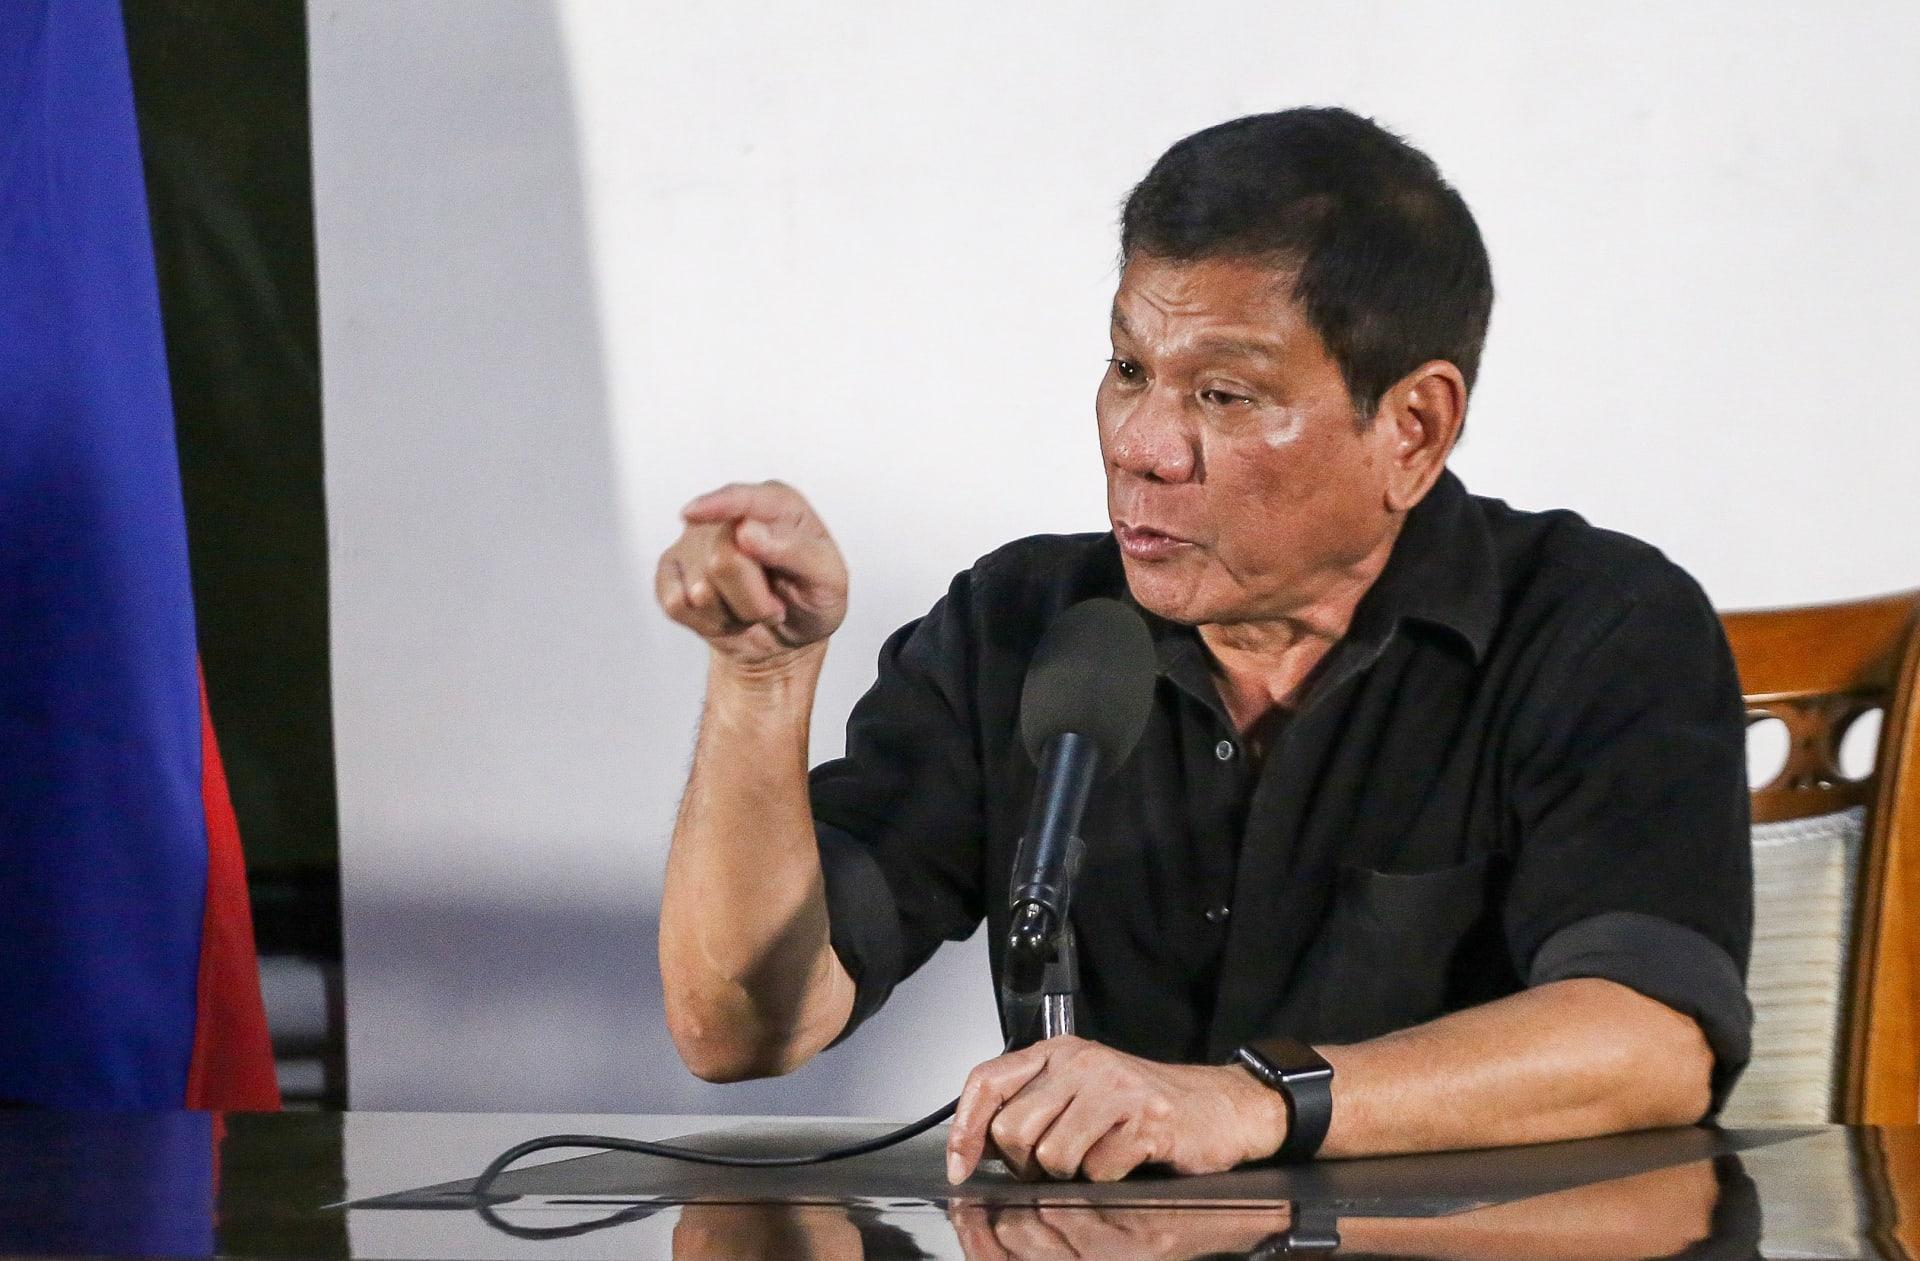 """الرئيس الفلبيني لأمريكا: """"لا تجعلونا كلابكم يا أبناء العاهرات"""""""